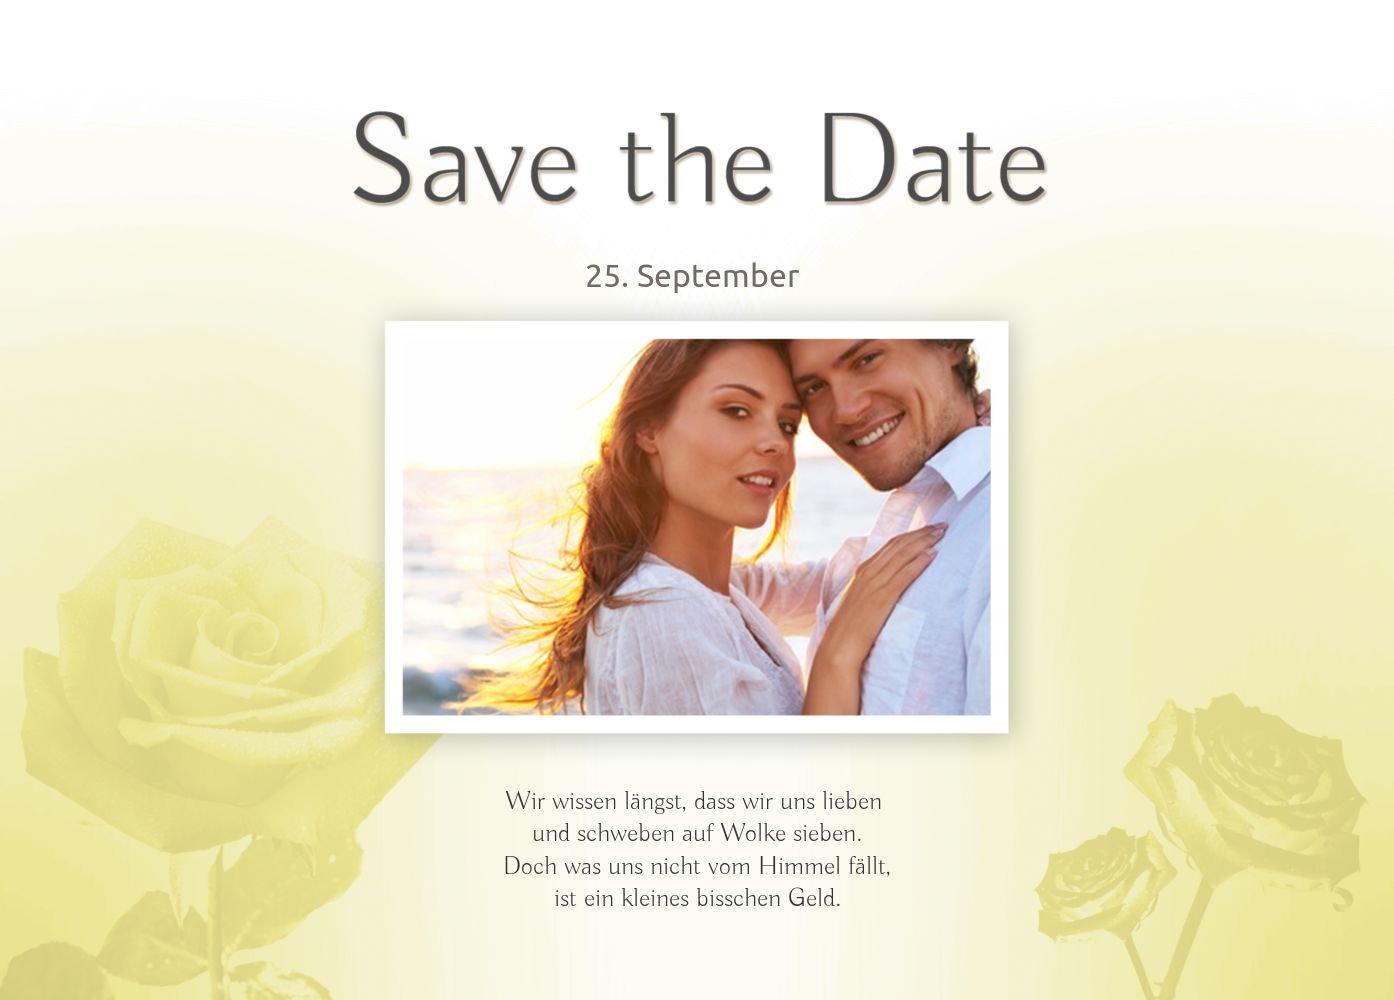 Kartenparadies Hochzeitskarte Save-the-Date Rosa, hochwertige hochwertige hochwertige Save the Date Karte zur Hochzeit   30 Karten - (Format  148x105 mm) Farbe  HellRosa B01NBWDNDN | Modern  | Neuartiges Design  | Hohe Qualität und Wirtschaftlichkeit  42b937